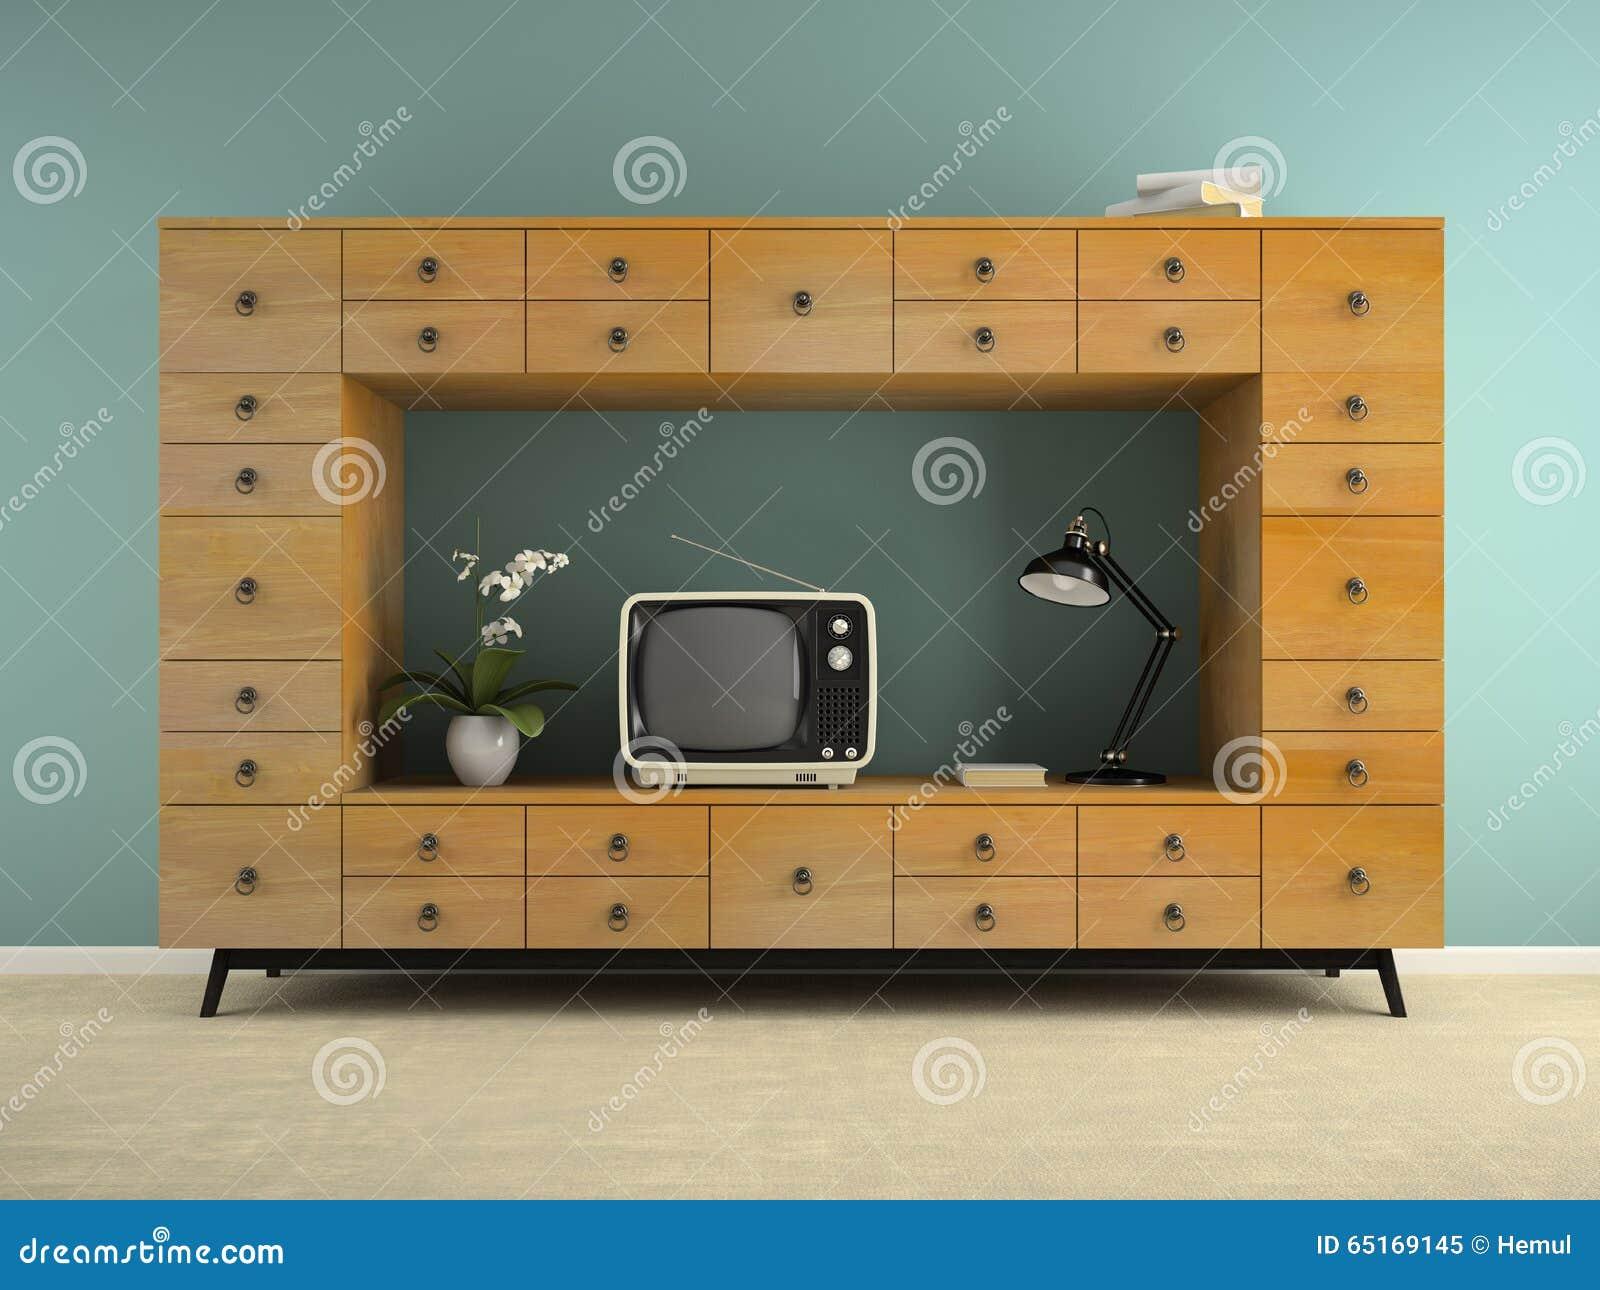 Philips tv offre una recensione consigli utili per la